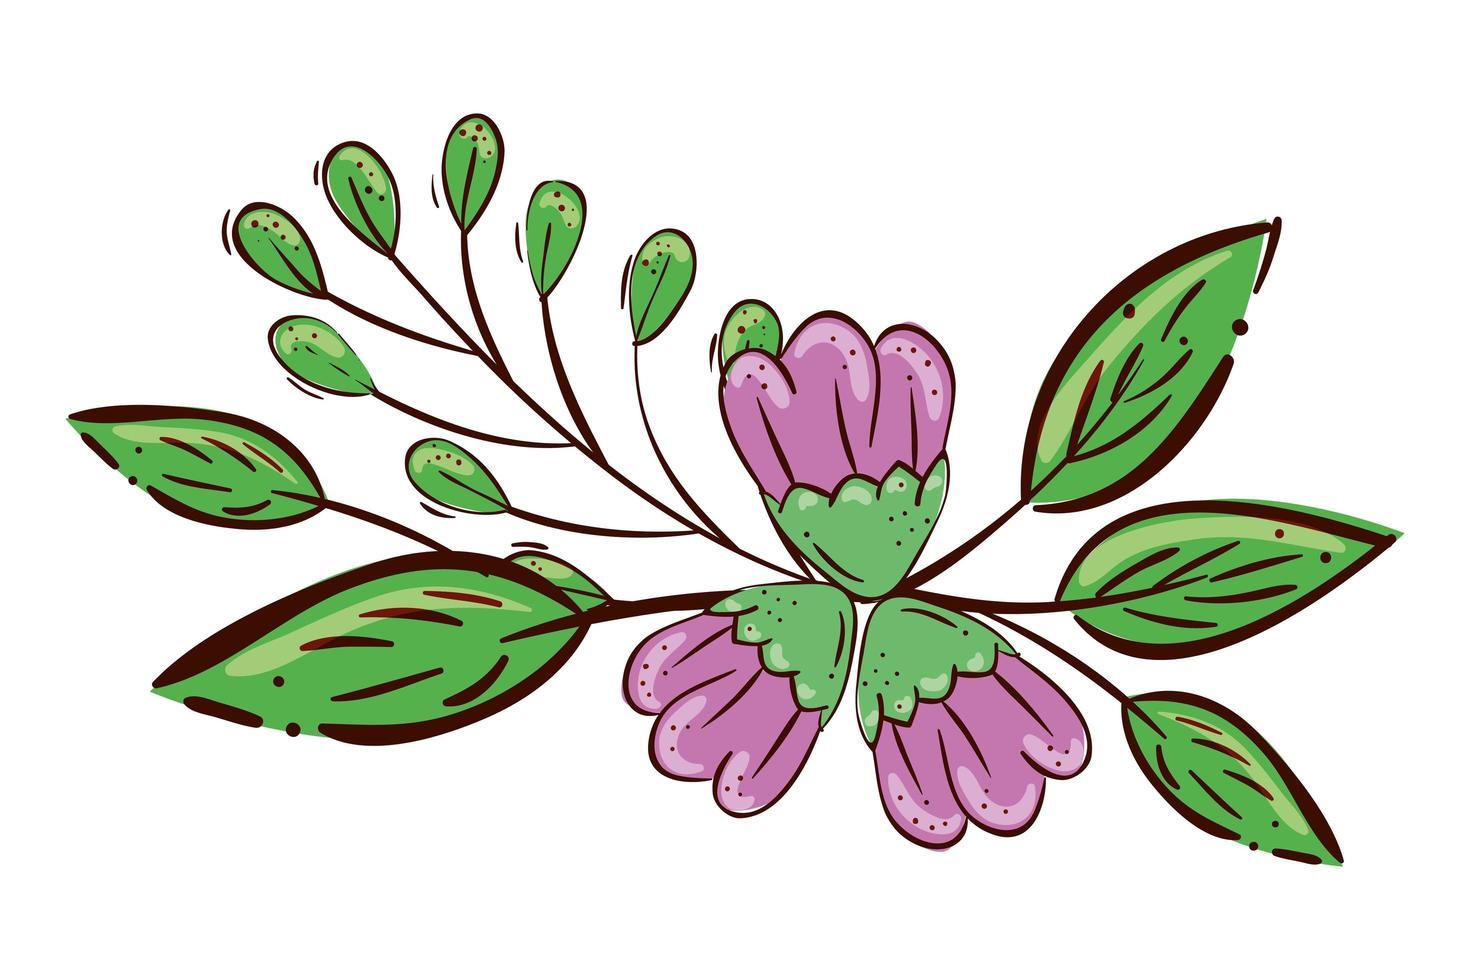 flores roxas fofas com ícone isolado de ramos e folhas vetor